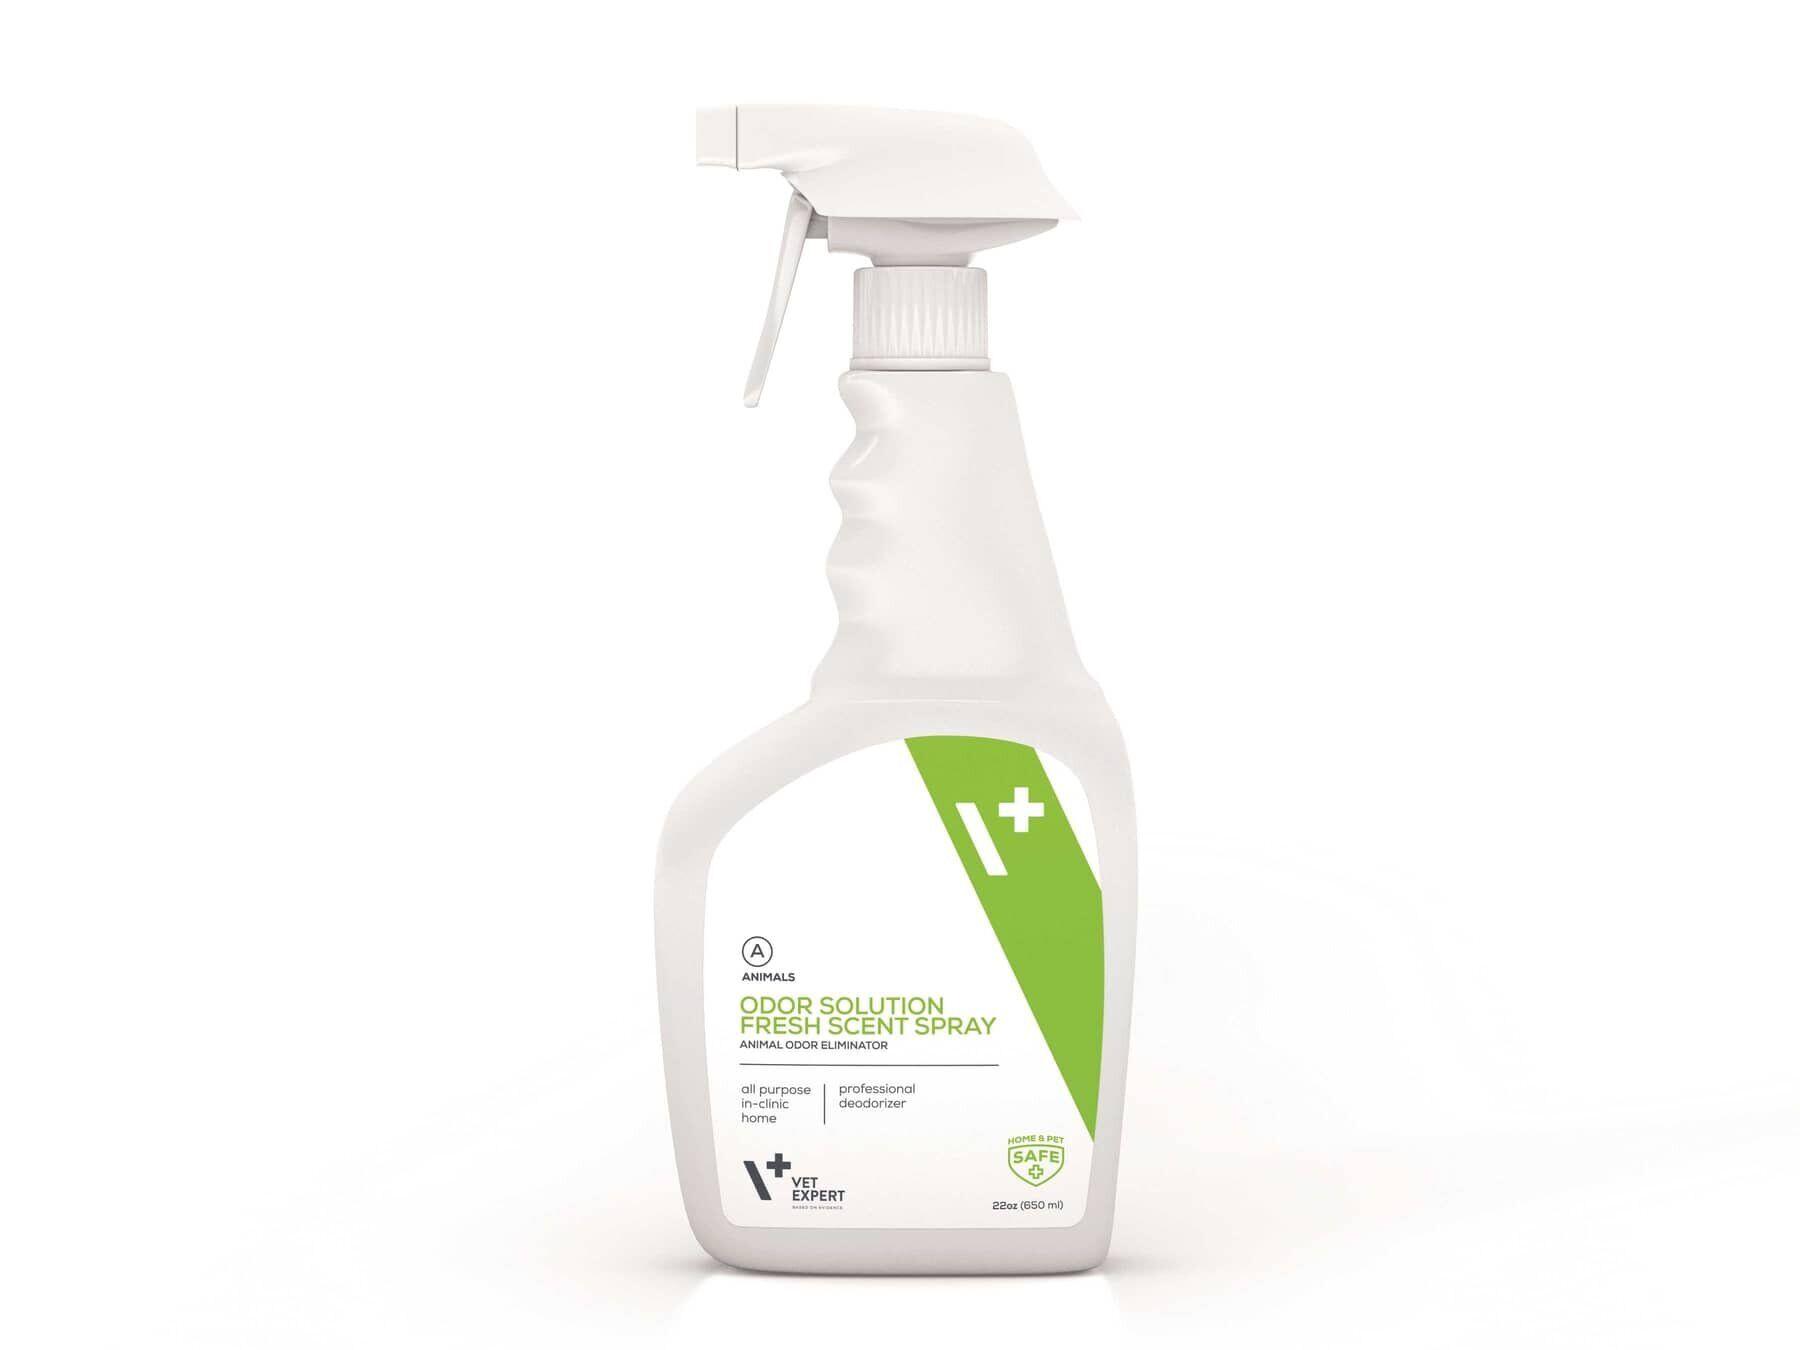 VetExpert Odor Solution Fresh Scent Spray – професиональный уничтожитель запахов от животных.